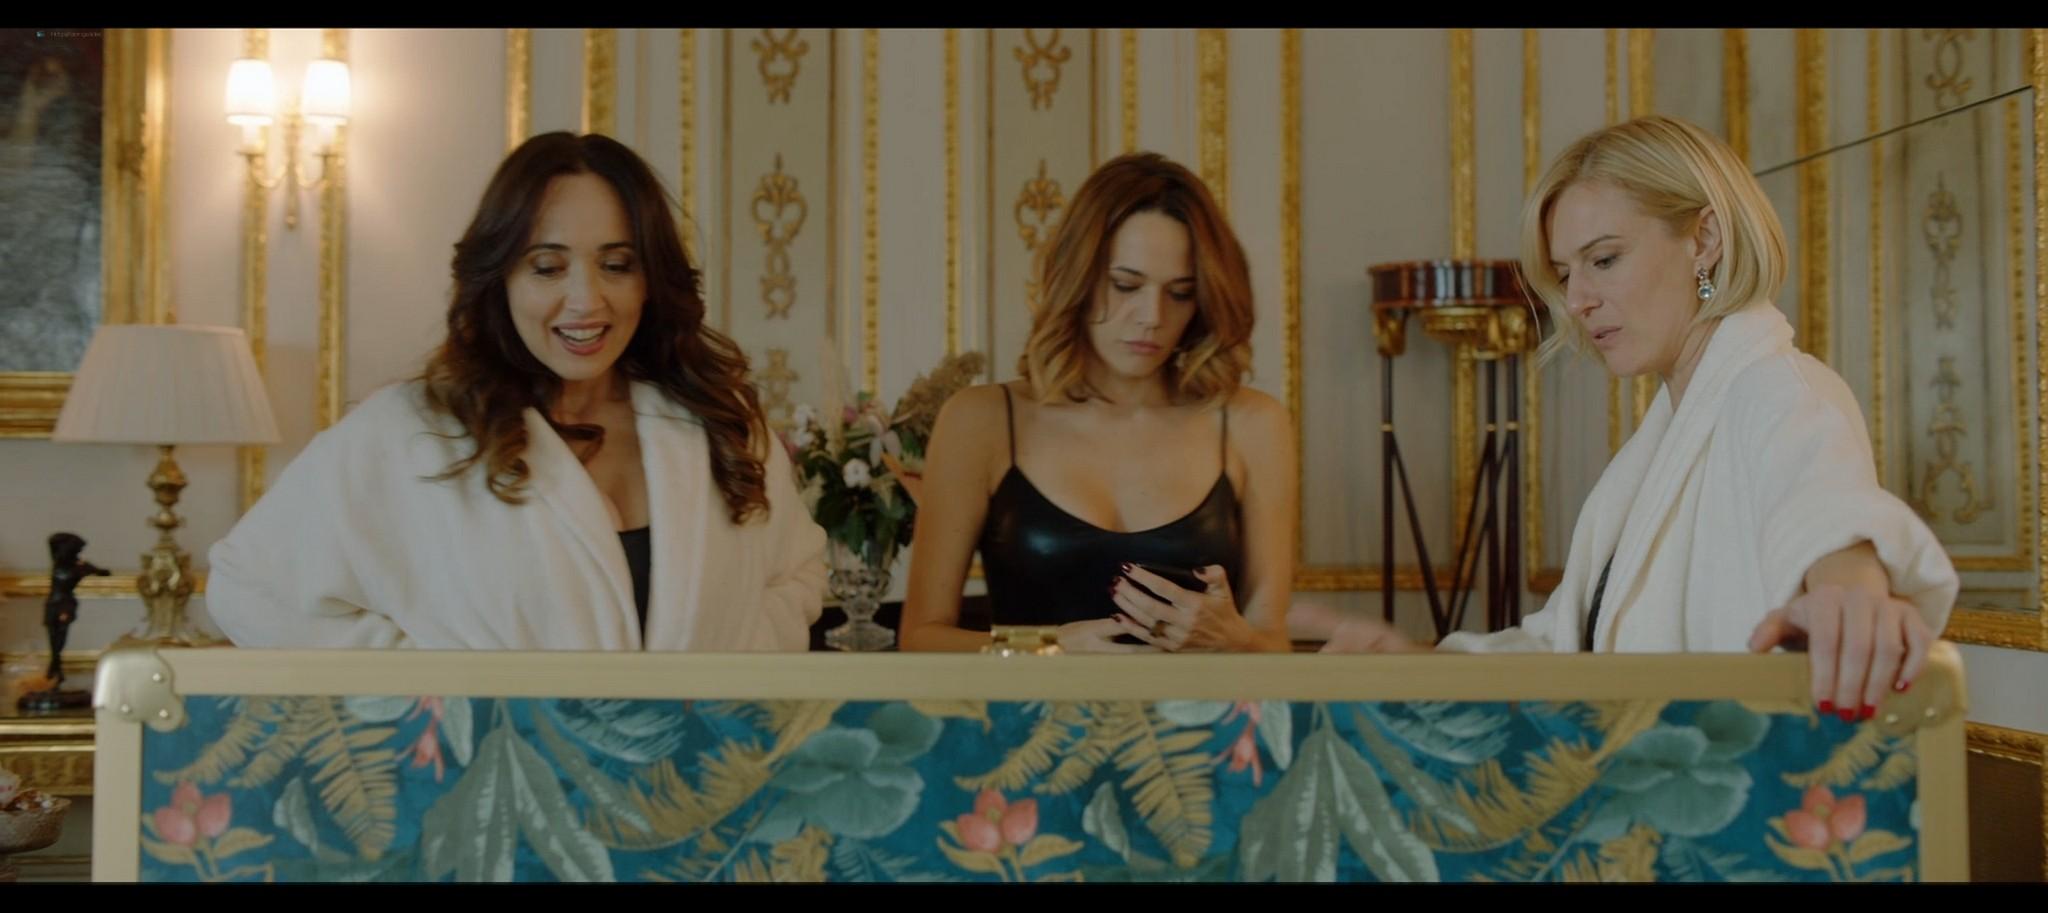 Laura Chiatti nude Antonia Fotaras and others nude bush and topless Addio al nubilato IT 2021 1080p Web 15